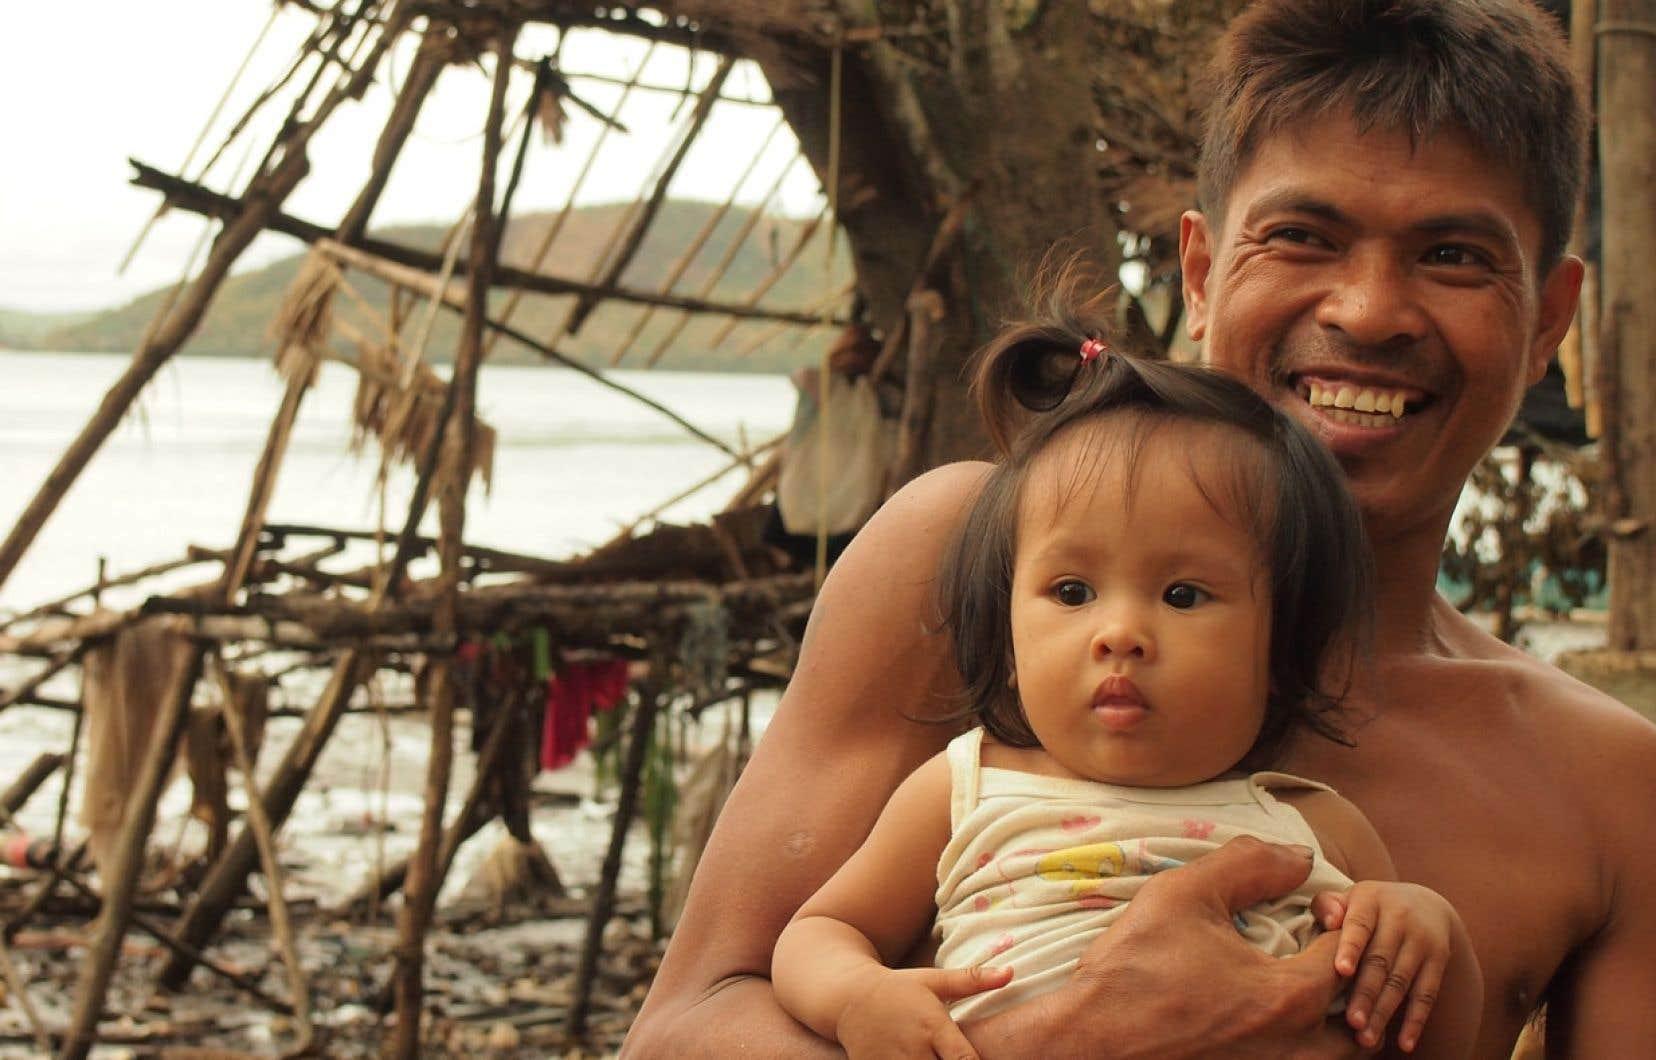 Selon Ryan Worms, directeur adjoint au Service des programmes de Développement et paix, l'entraide entre les Philippins est «absolument extraordinaire».